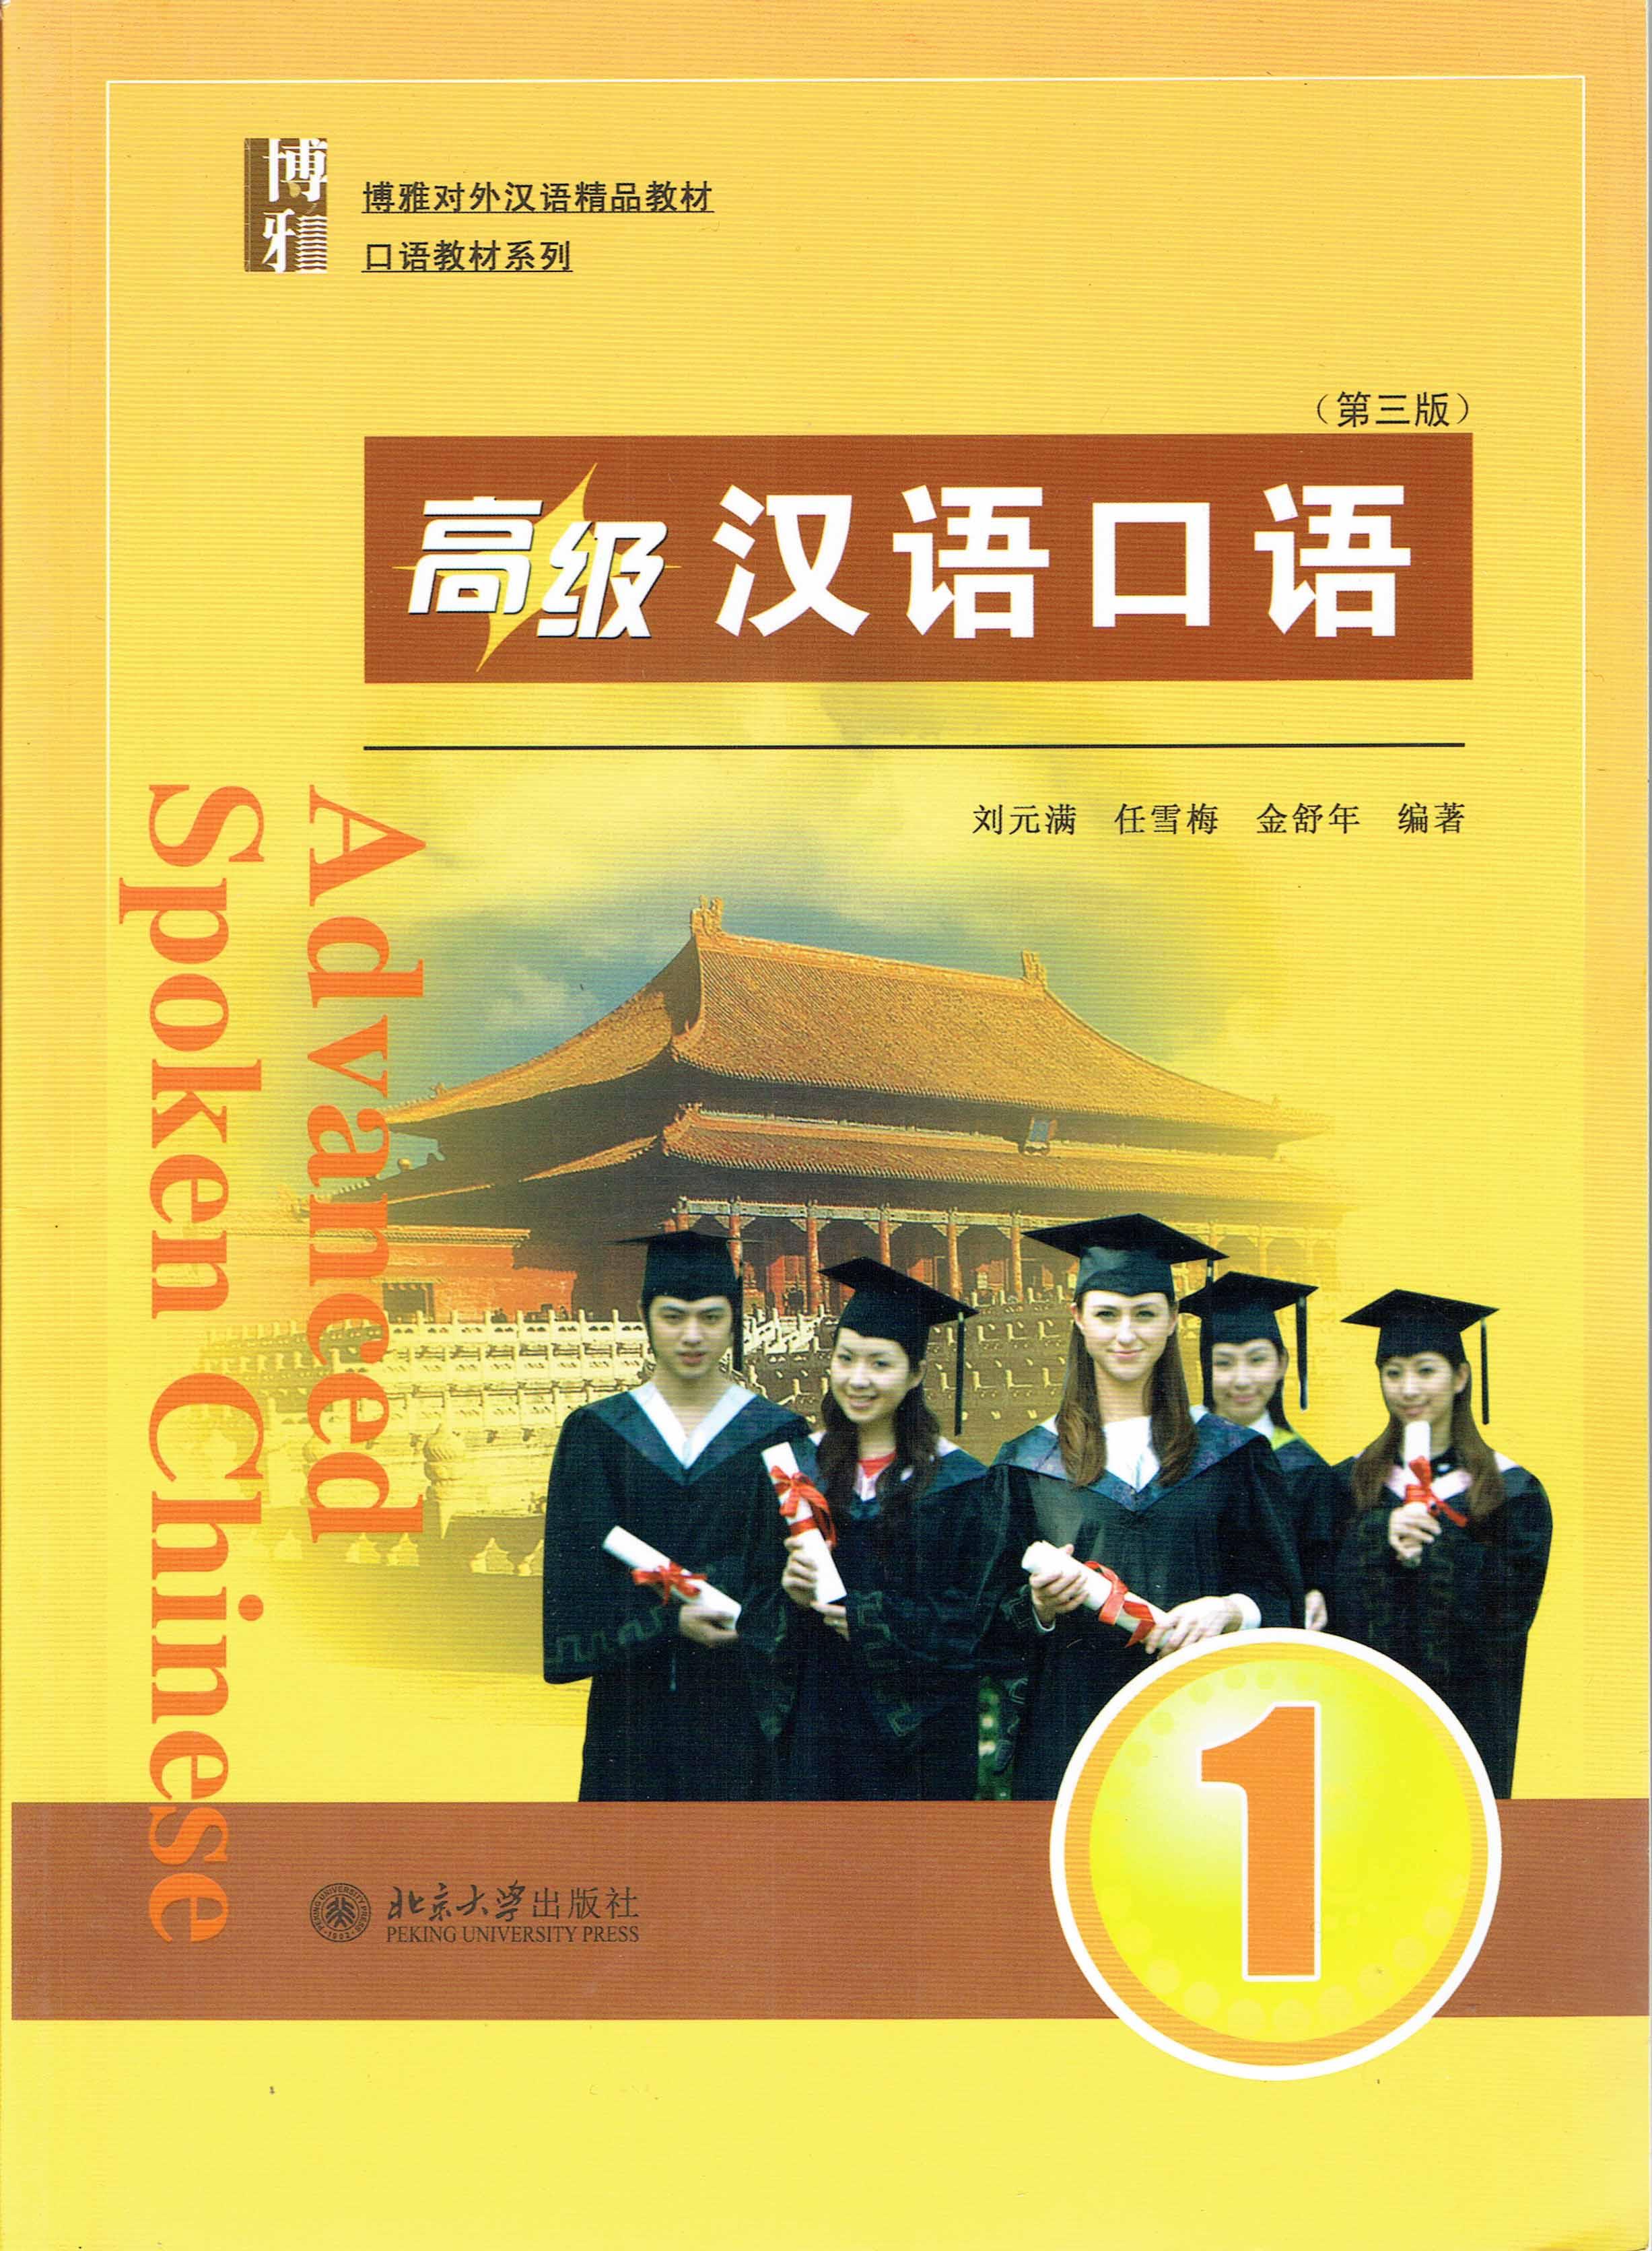 教科書のみ<br>CD、テープ:在庫なし<br>日本語注釈:なし<br>北京大学出版社<br>B5 全12課